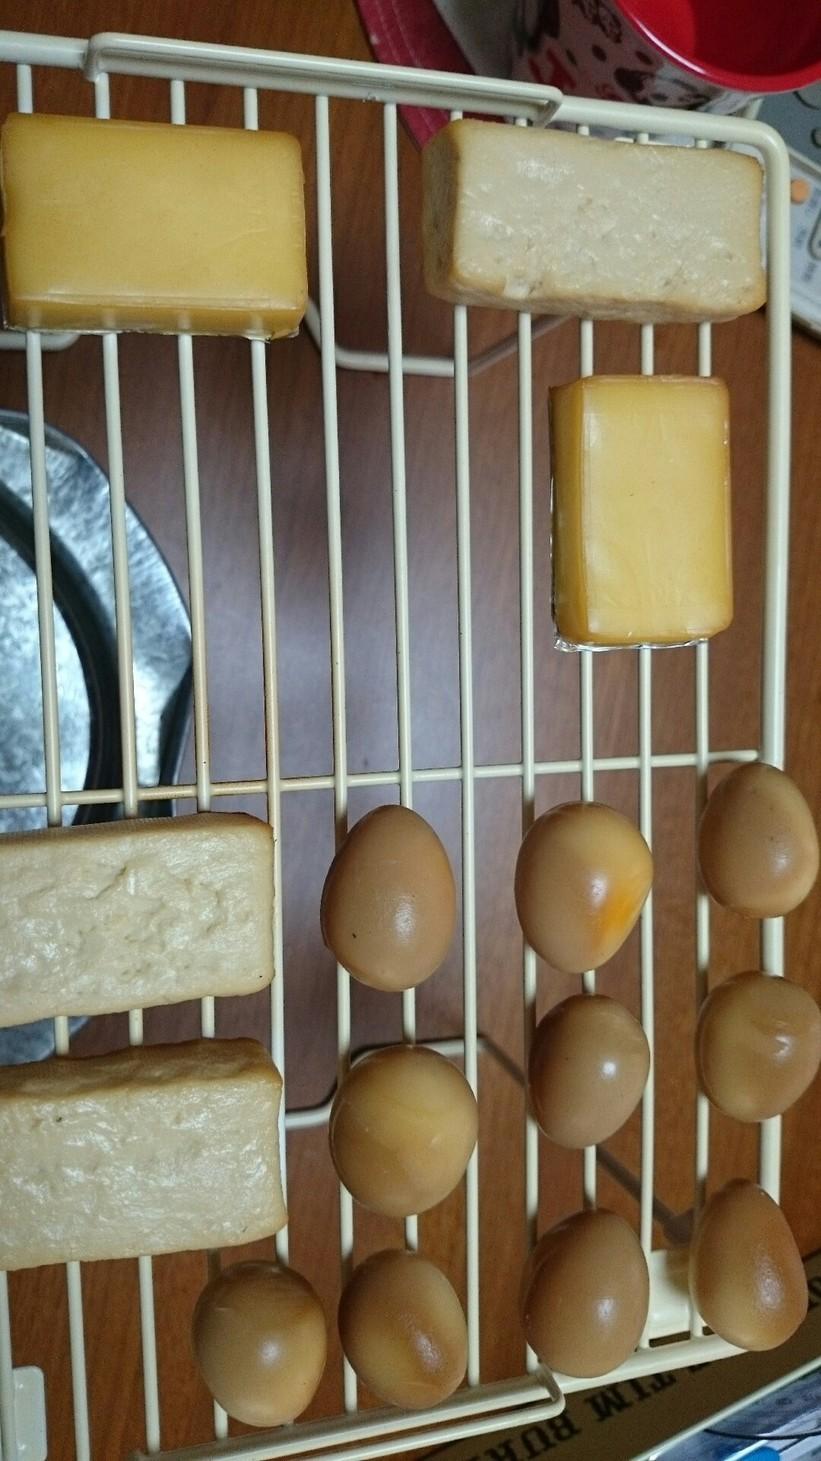 ウズラの卵の燻製~燻製始めました~